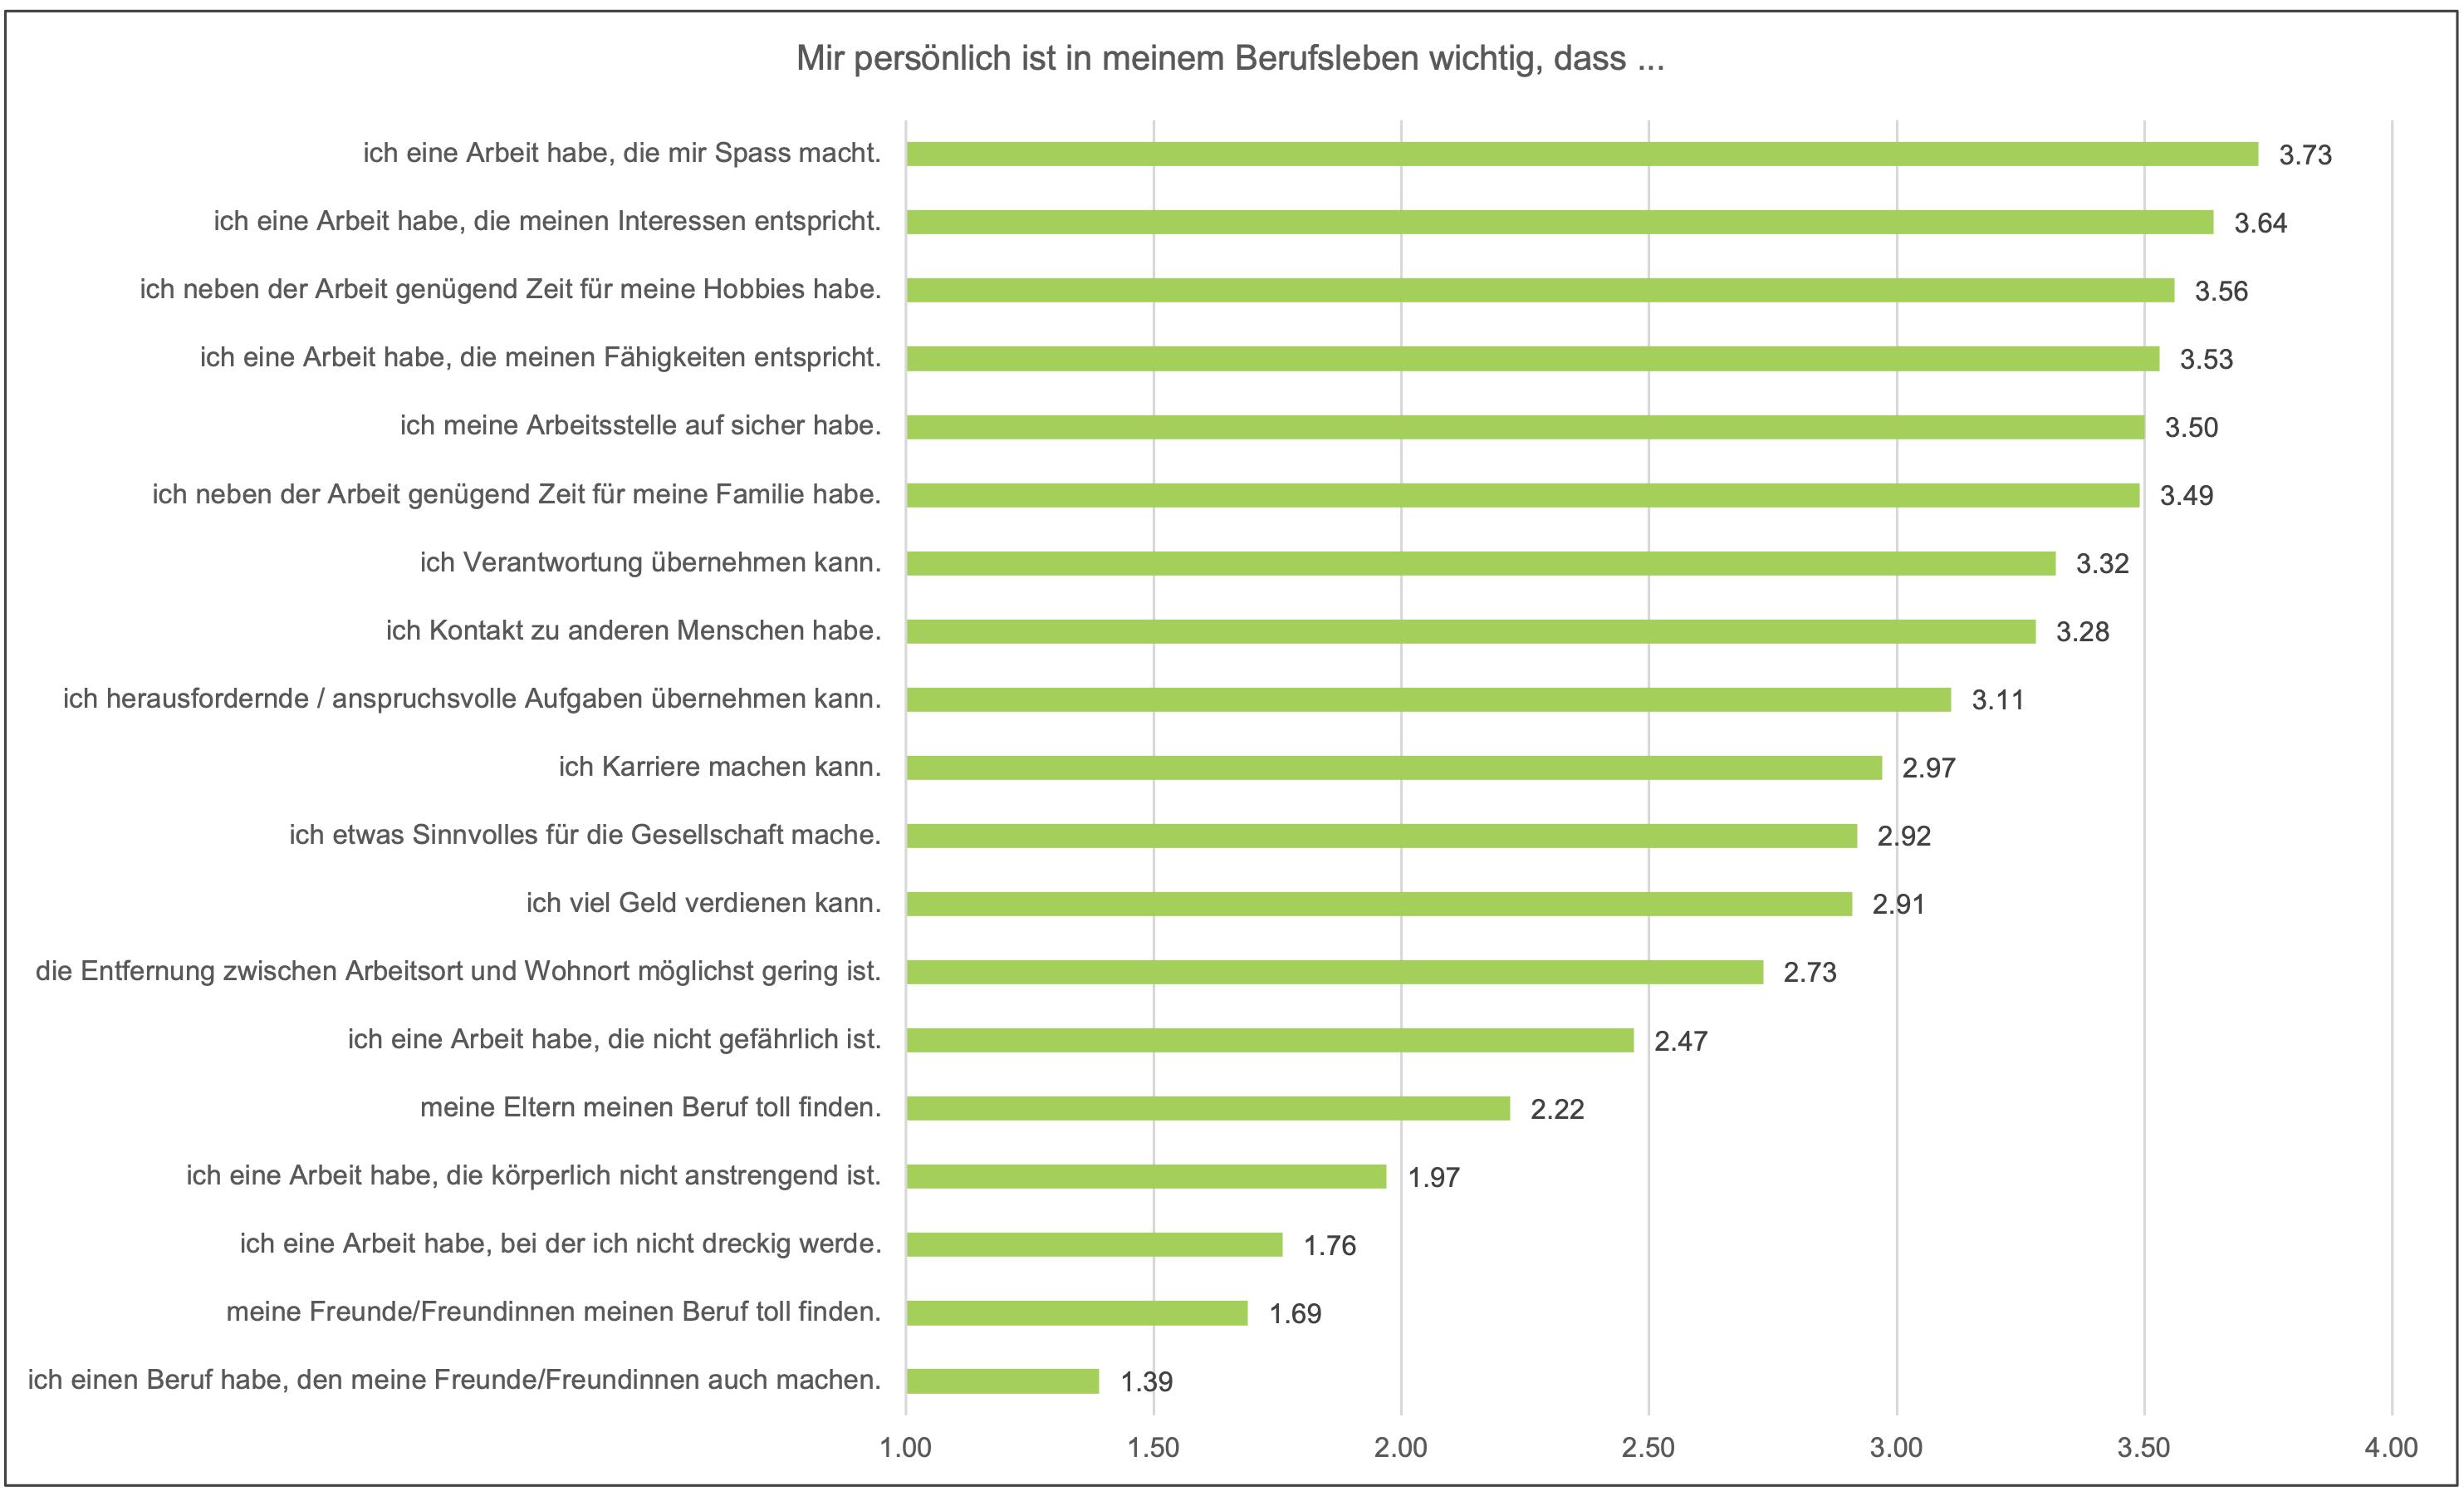 Abbildung 2: Ausprägung der berufsbezogenen Präferenzen der Berufslernenden.